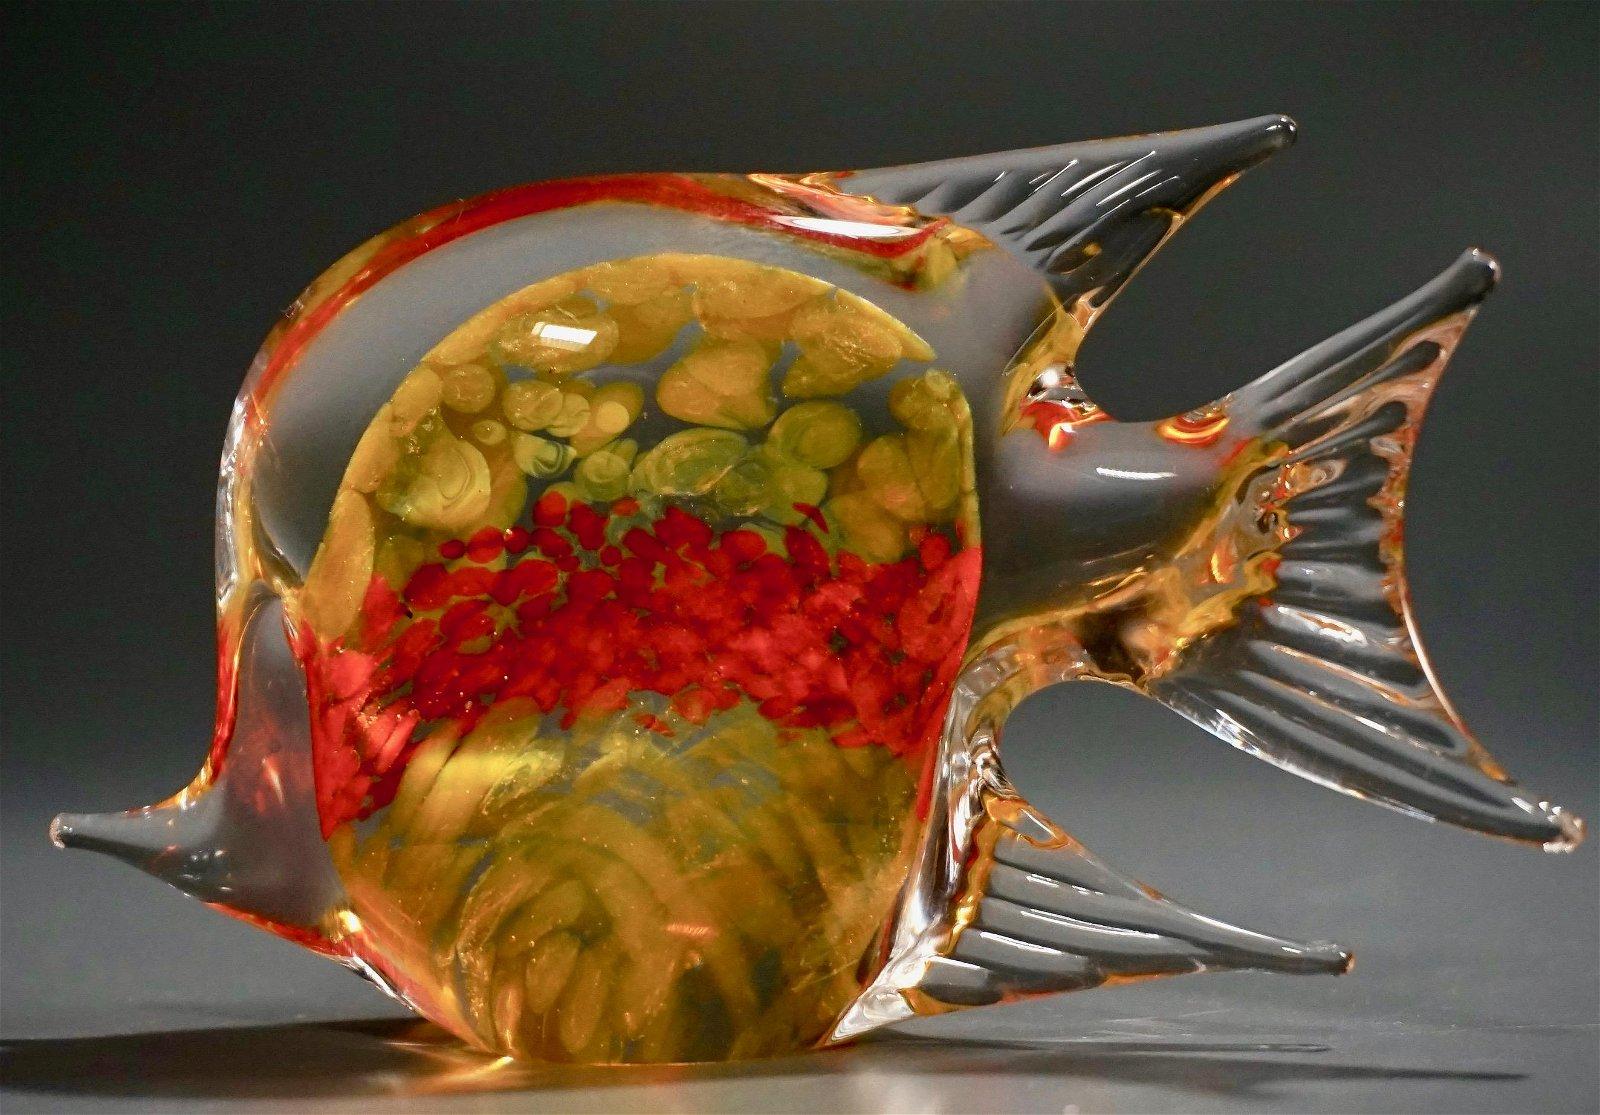 Orange Yellow Art Glass Fish Figurine Paperweight